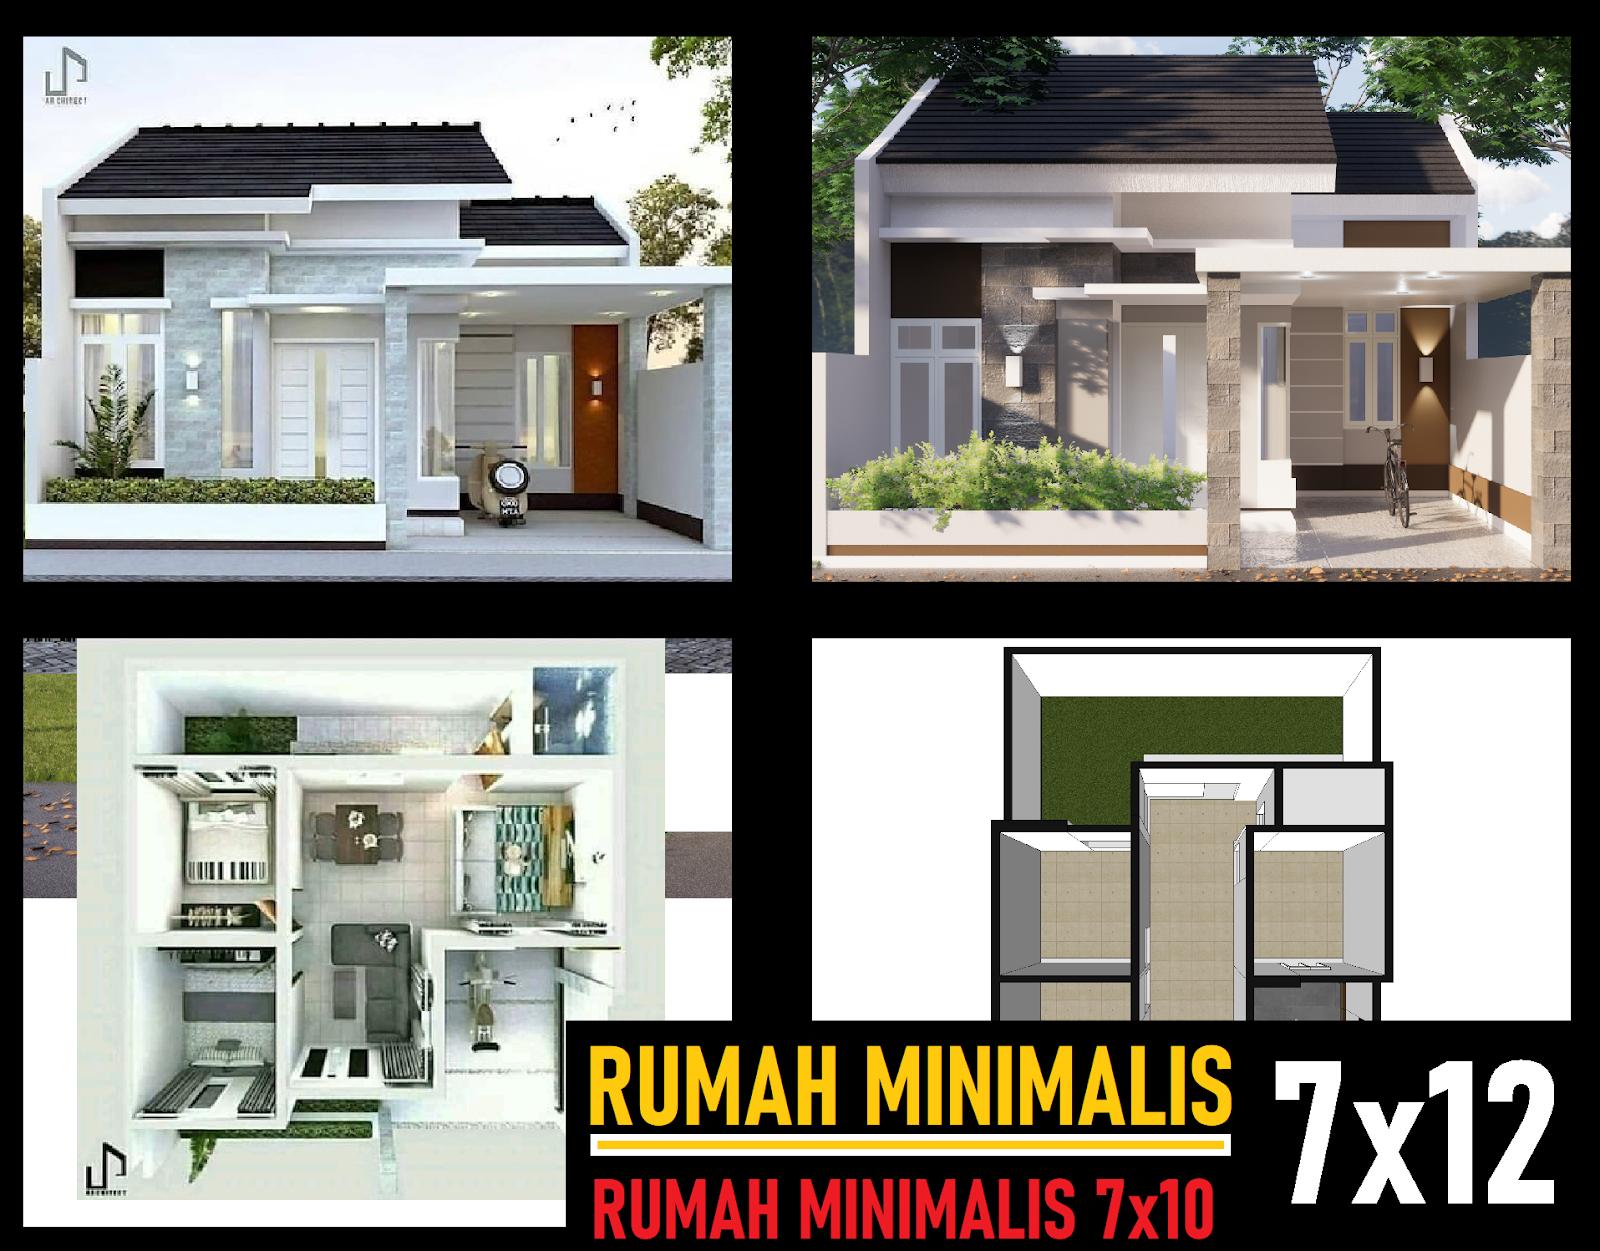 Desain Rumah Minimalis 3 Kamar Vs 2 Kamar Dilahan Sempit - DESAIN RUMAH  MINIMALIS